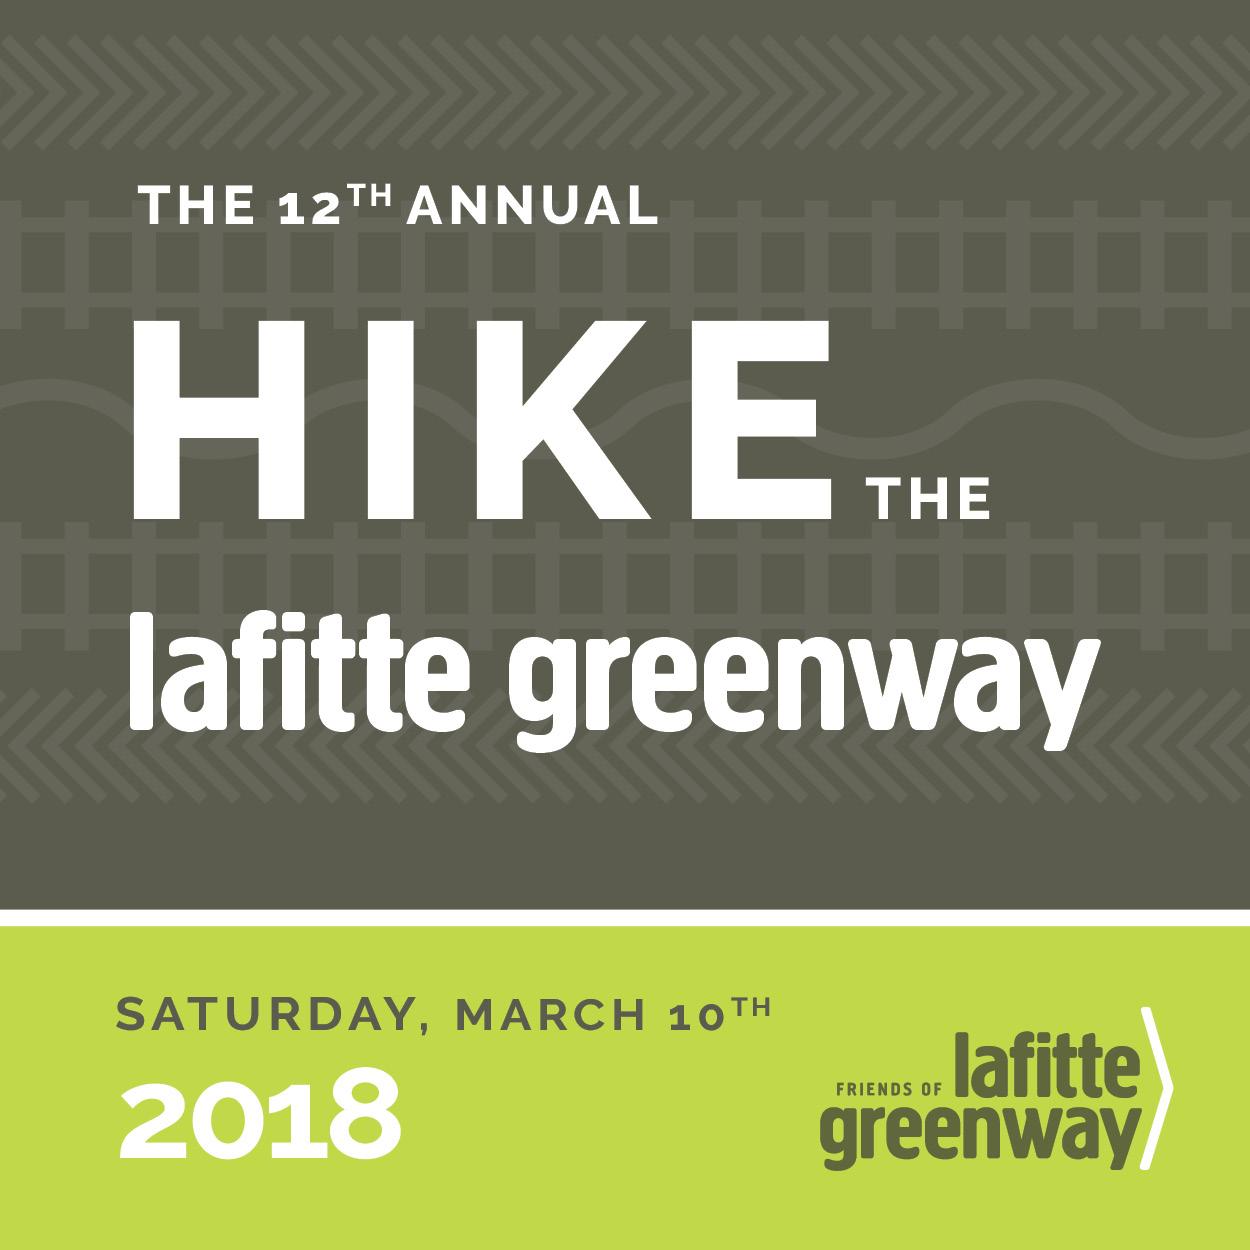 Hike_Website_2018.jpg